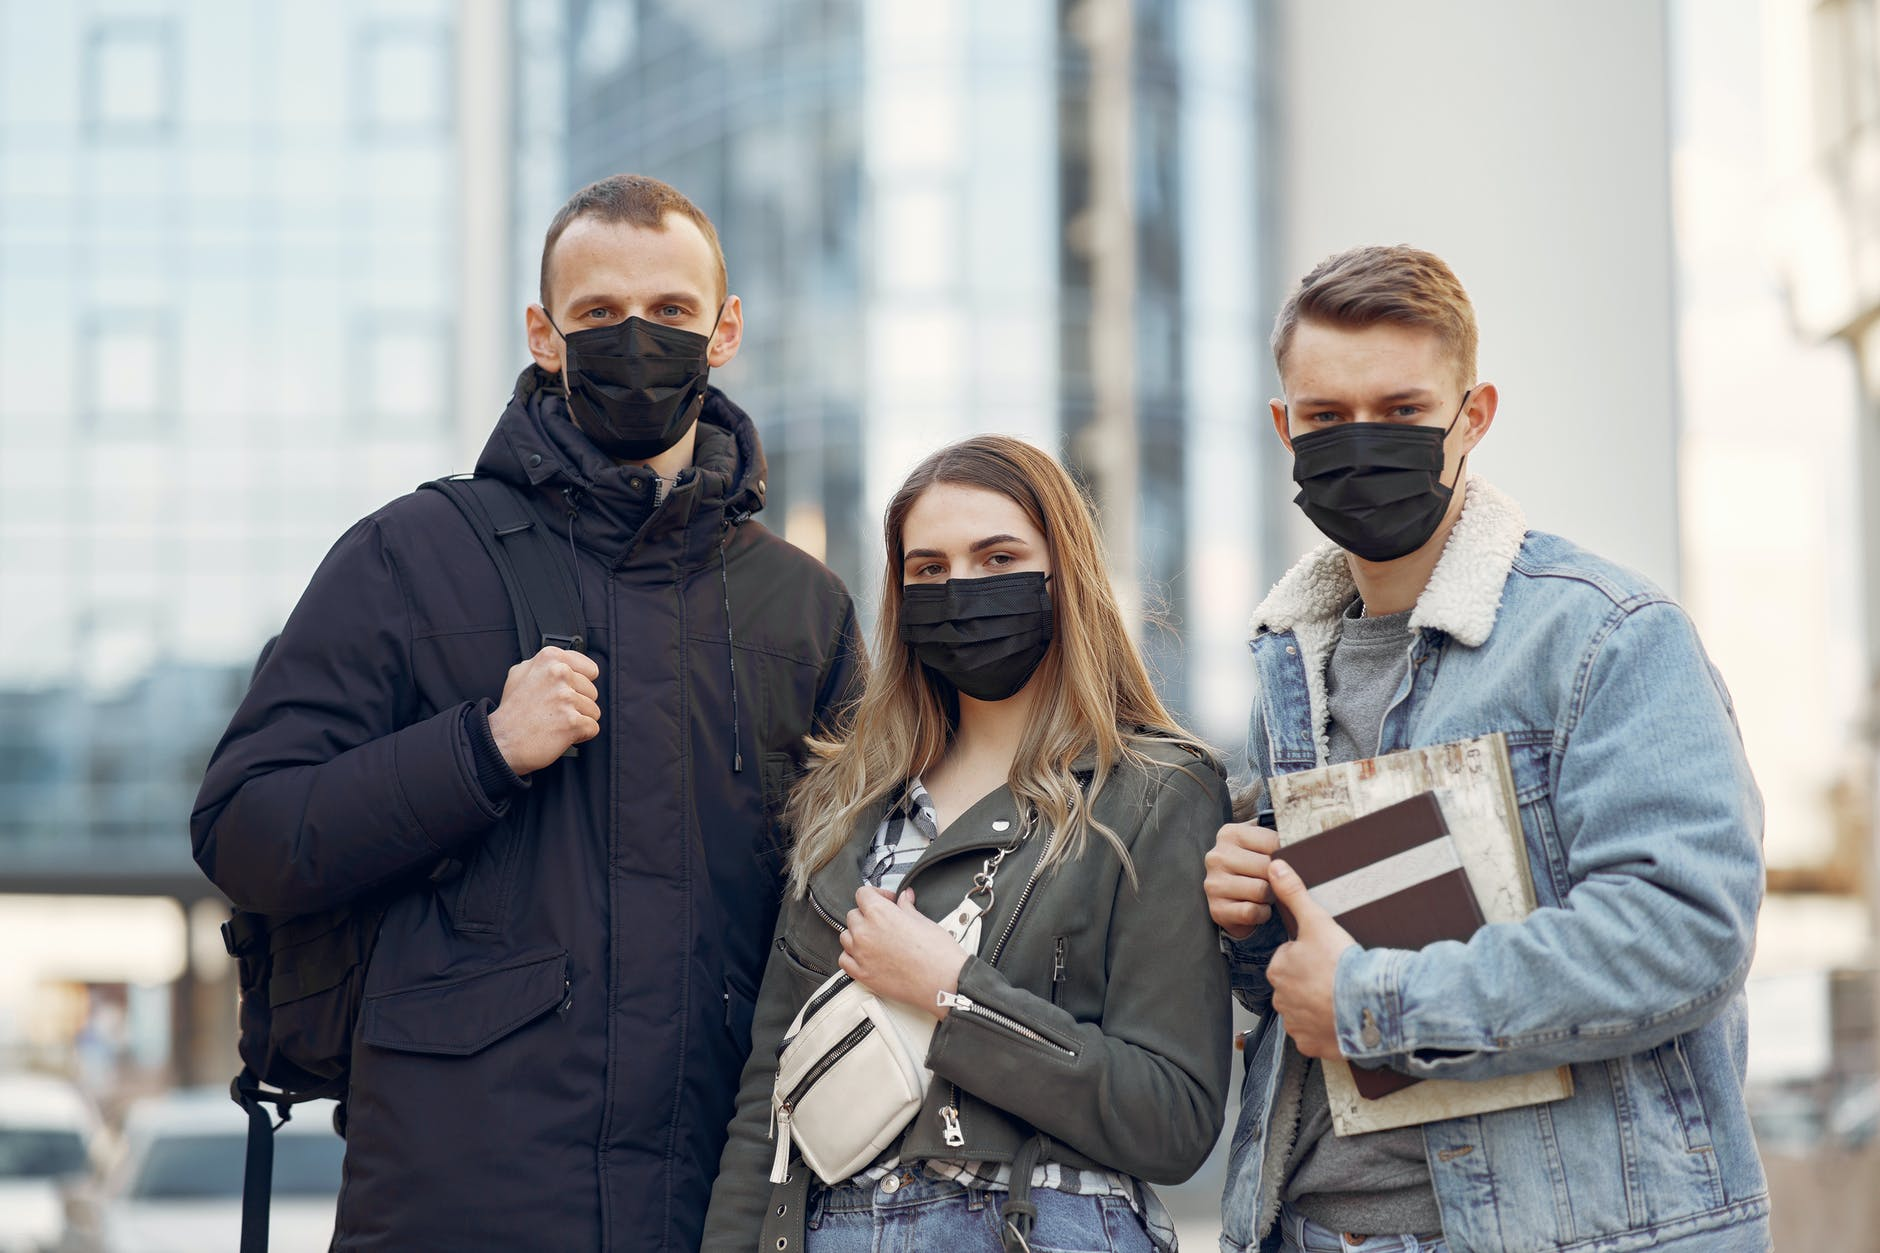 CJSU Iaşi a decis obligativitatea purtării măştii de protecţie în spaţiile publice deschise, în următoarele două săptămâni